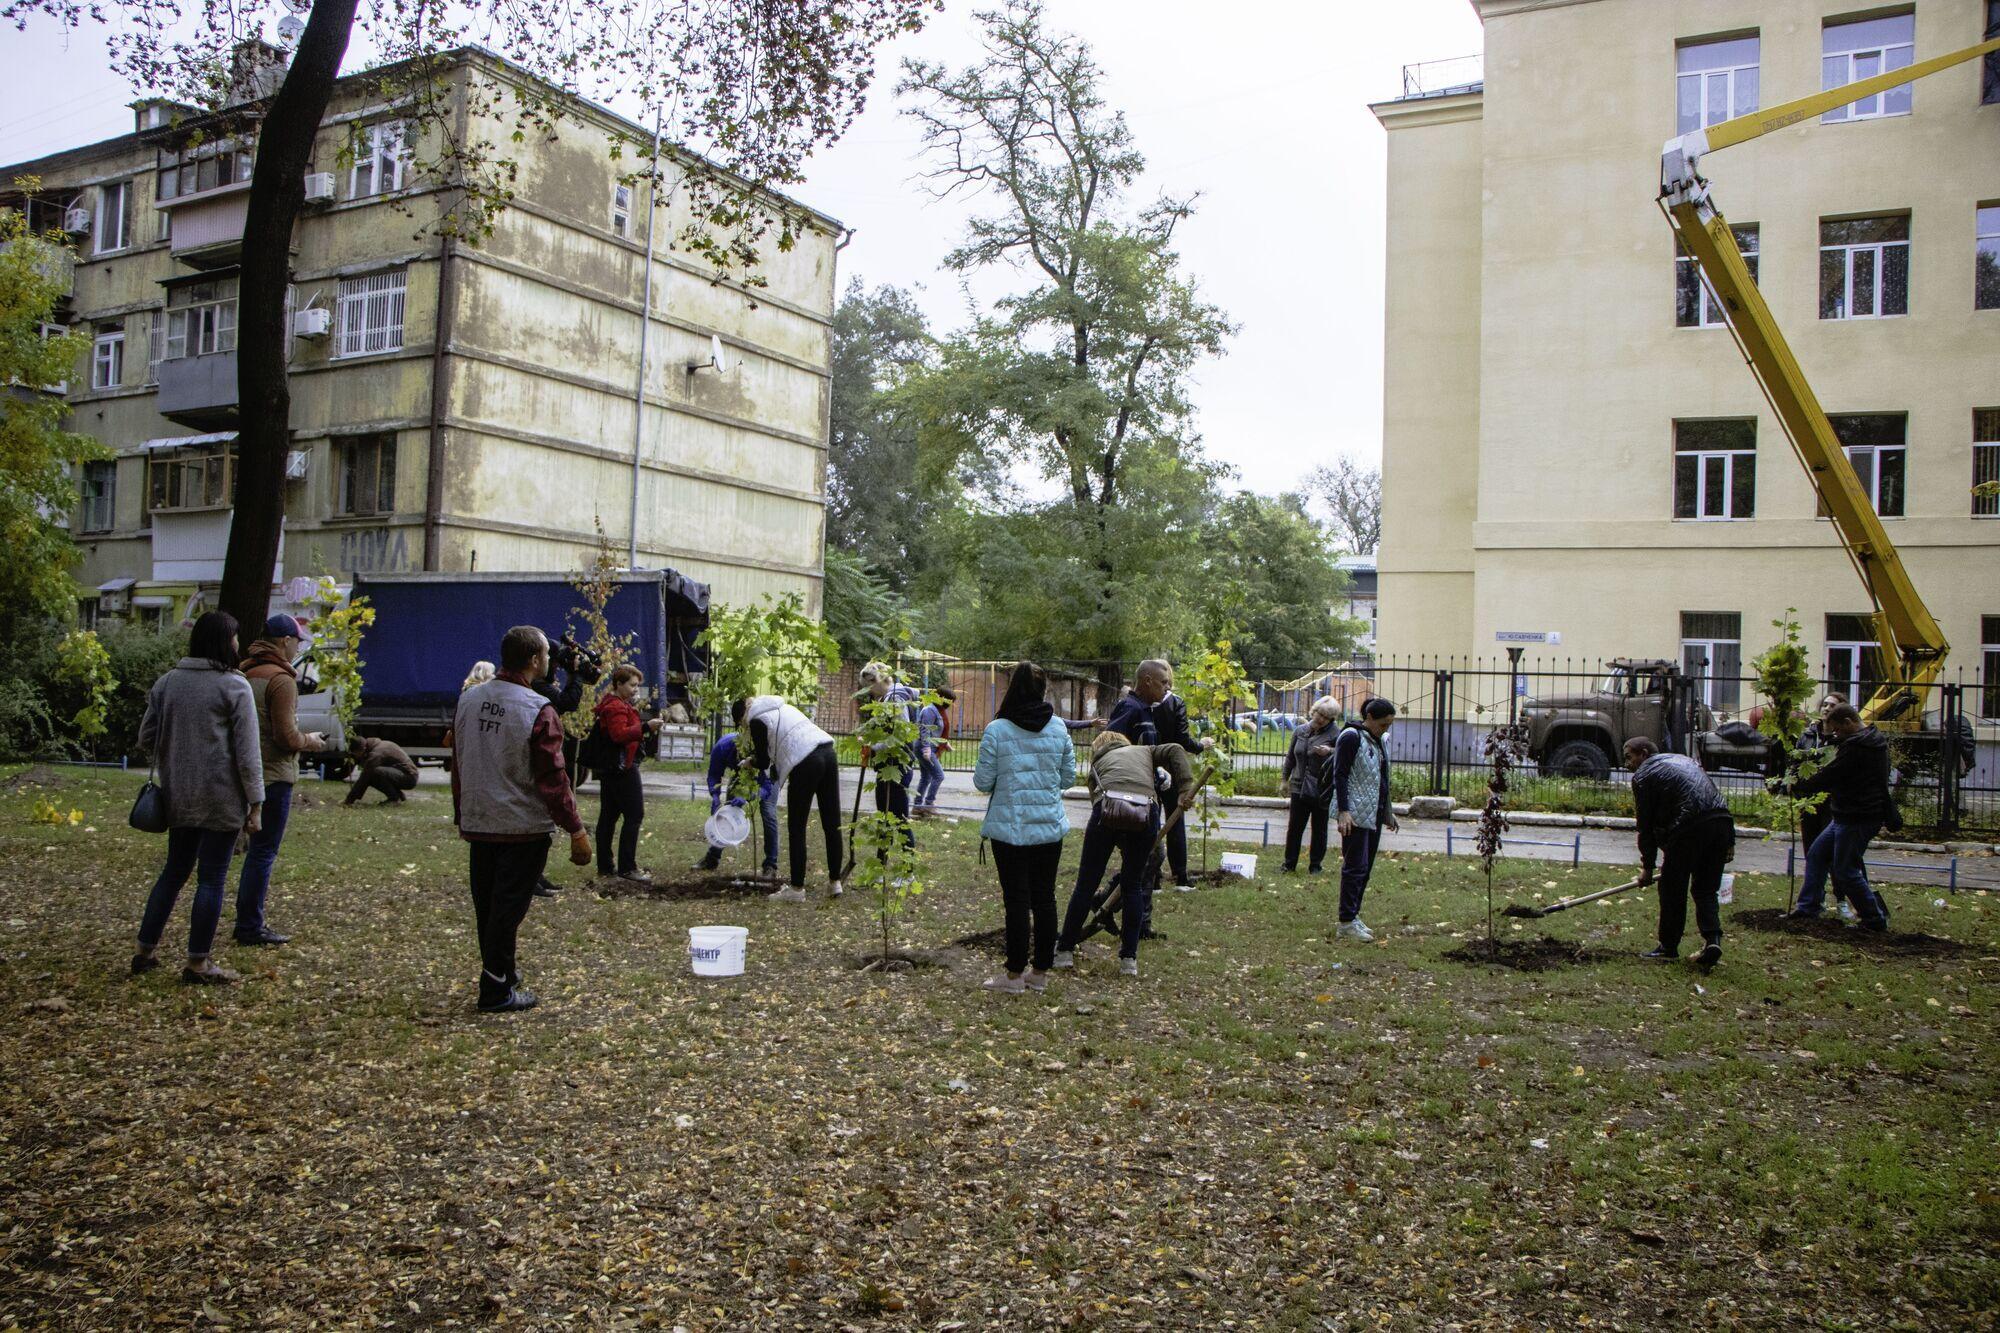 Днепр-цветущий: сотрудники мэрии и жители ОСМД высадили 70 молодых деревьев